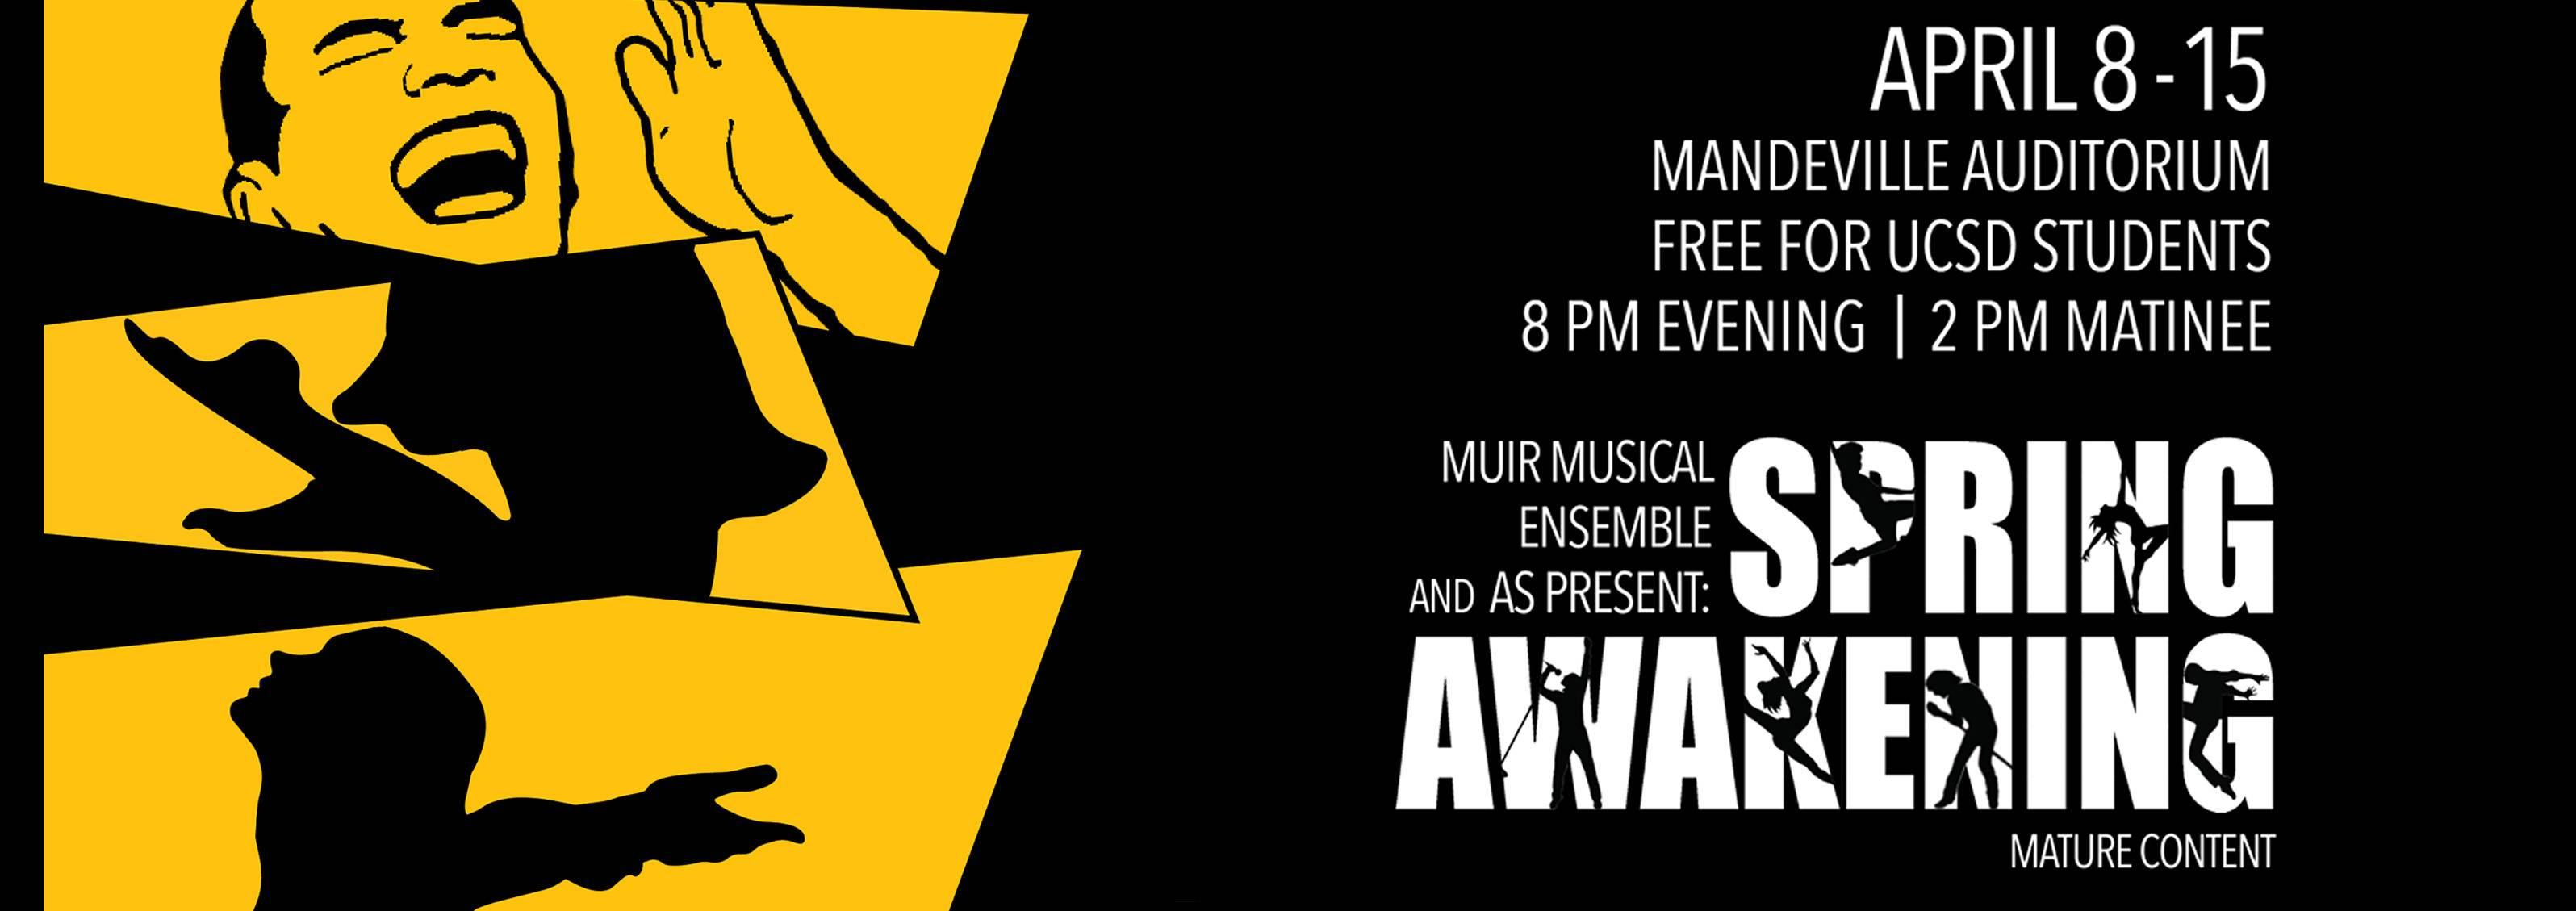 Spring Awakening' Presented by Muir Musical Ensemble and